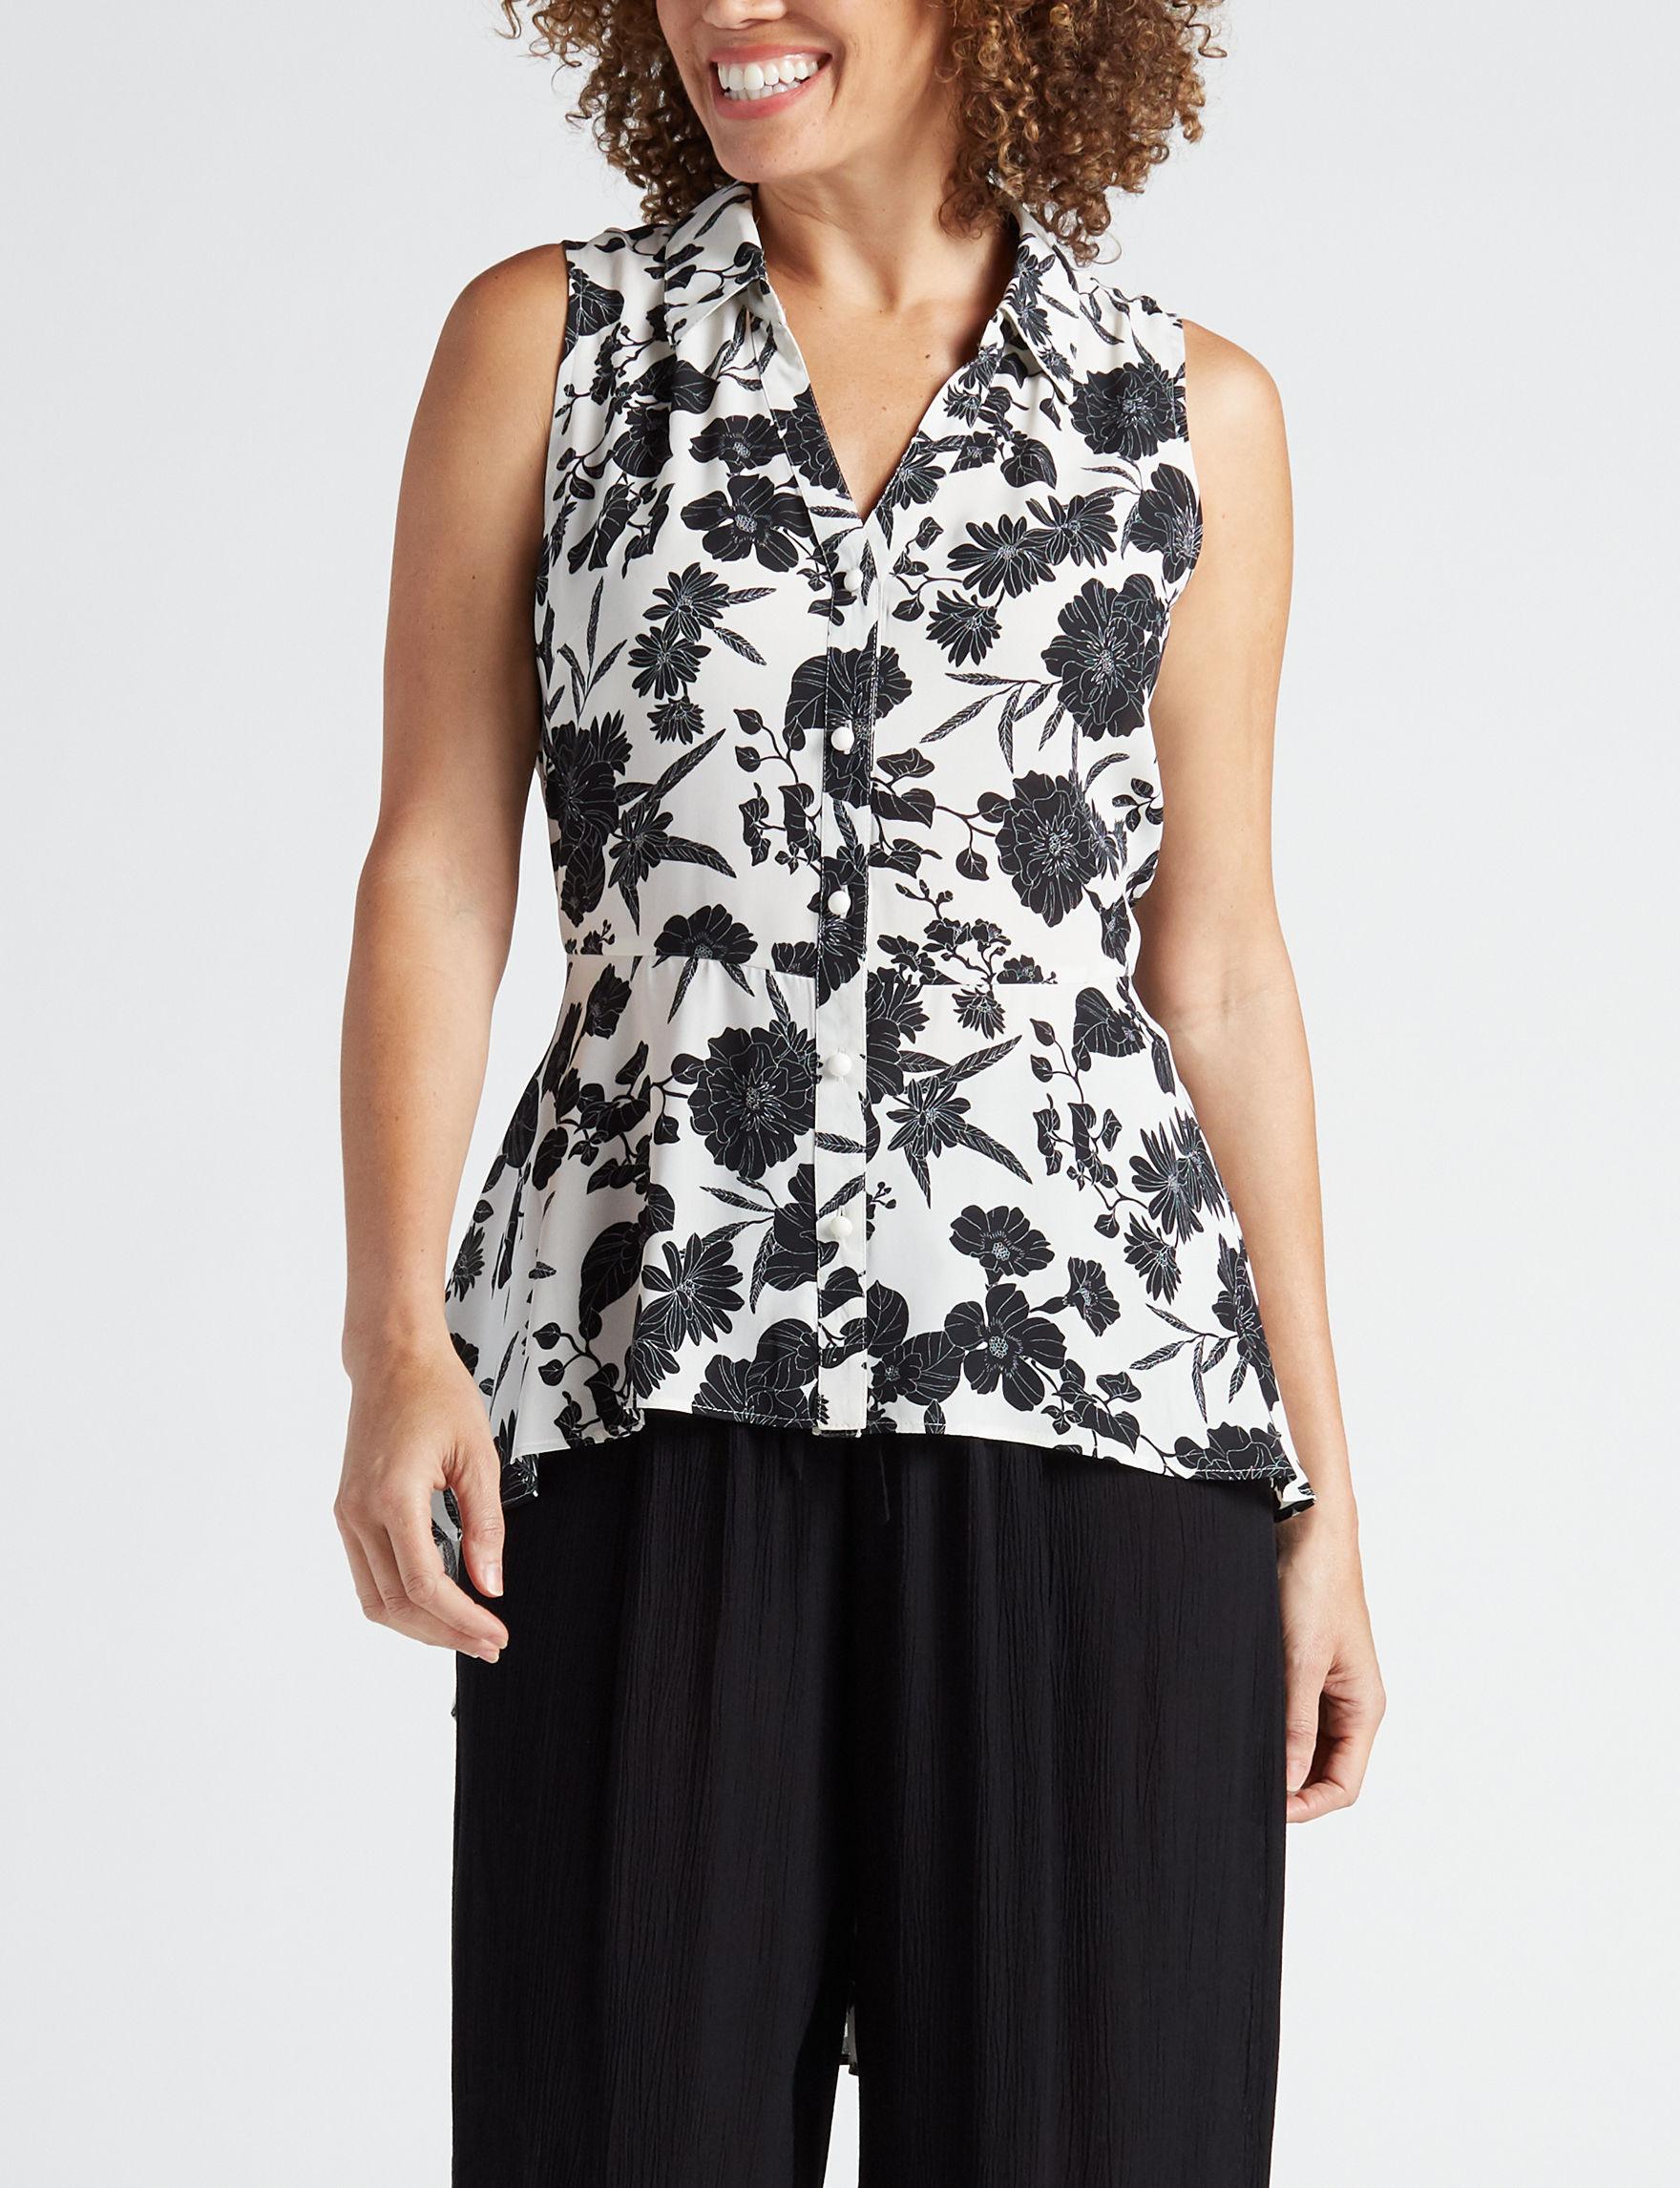 Valerie Stevens White / Black Shirts & Blouses